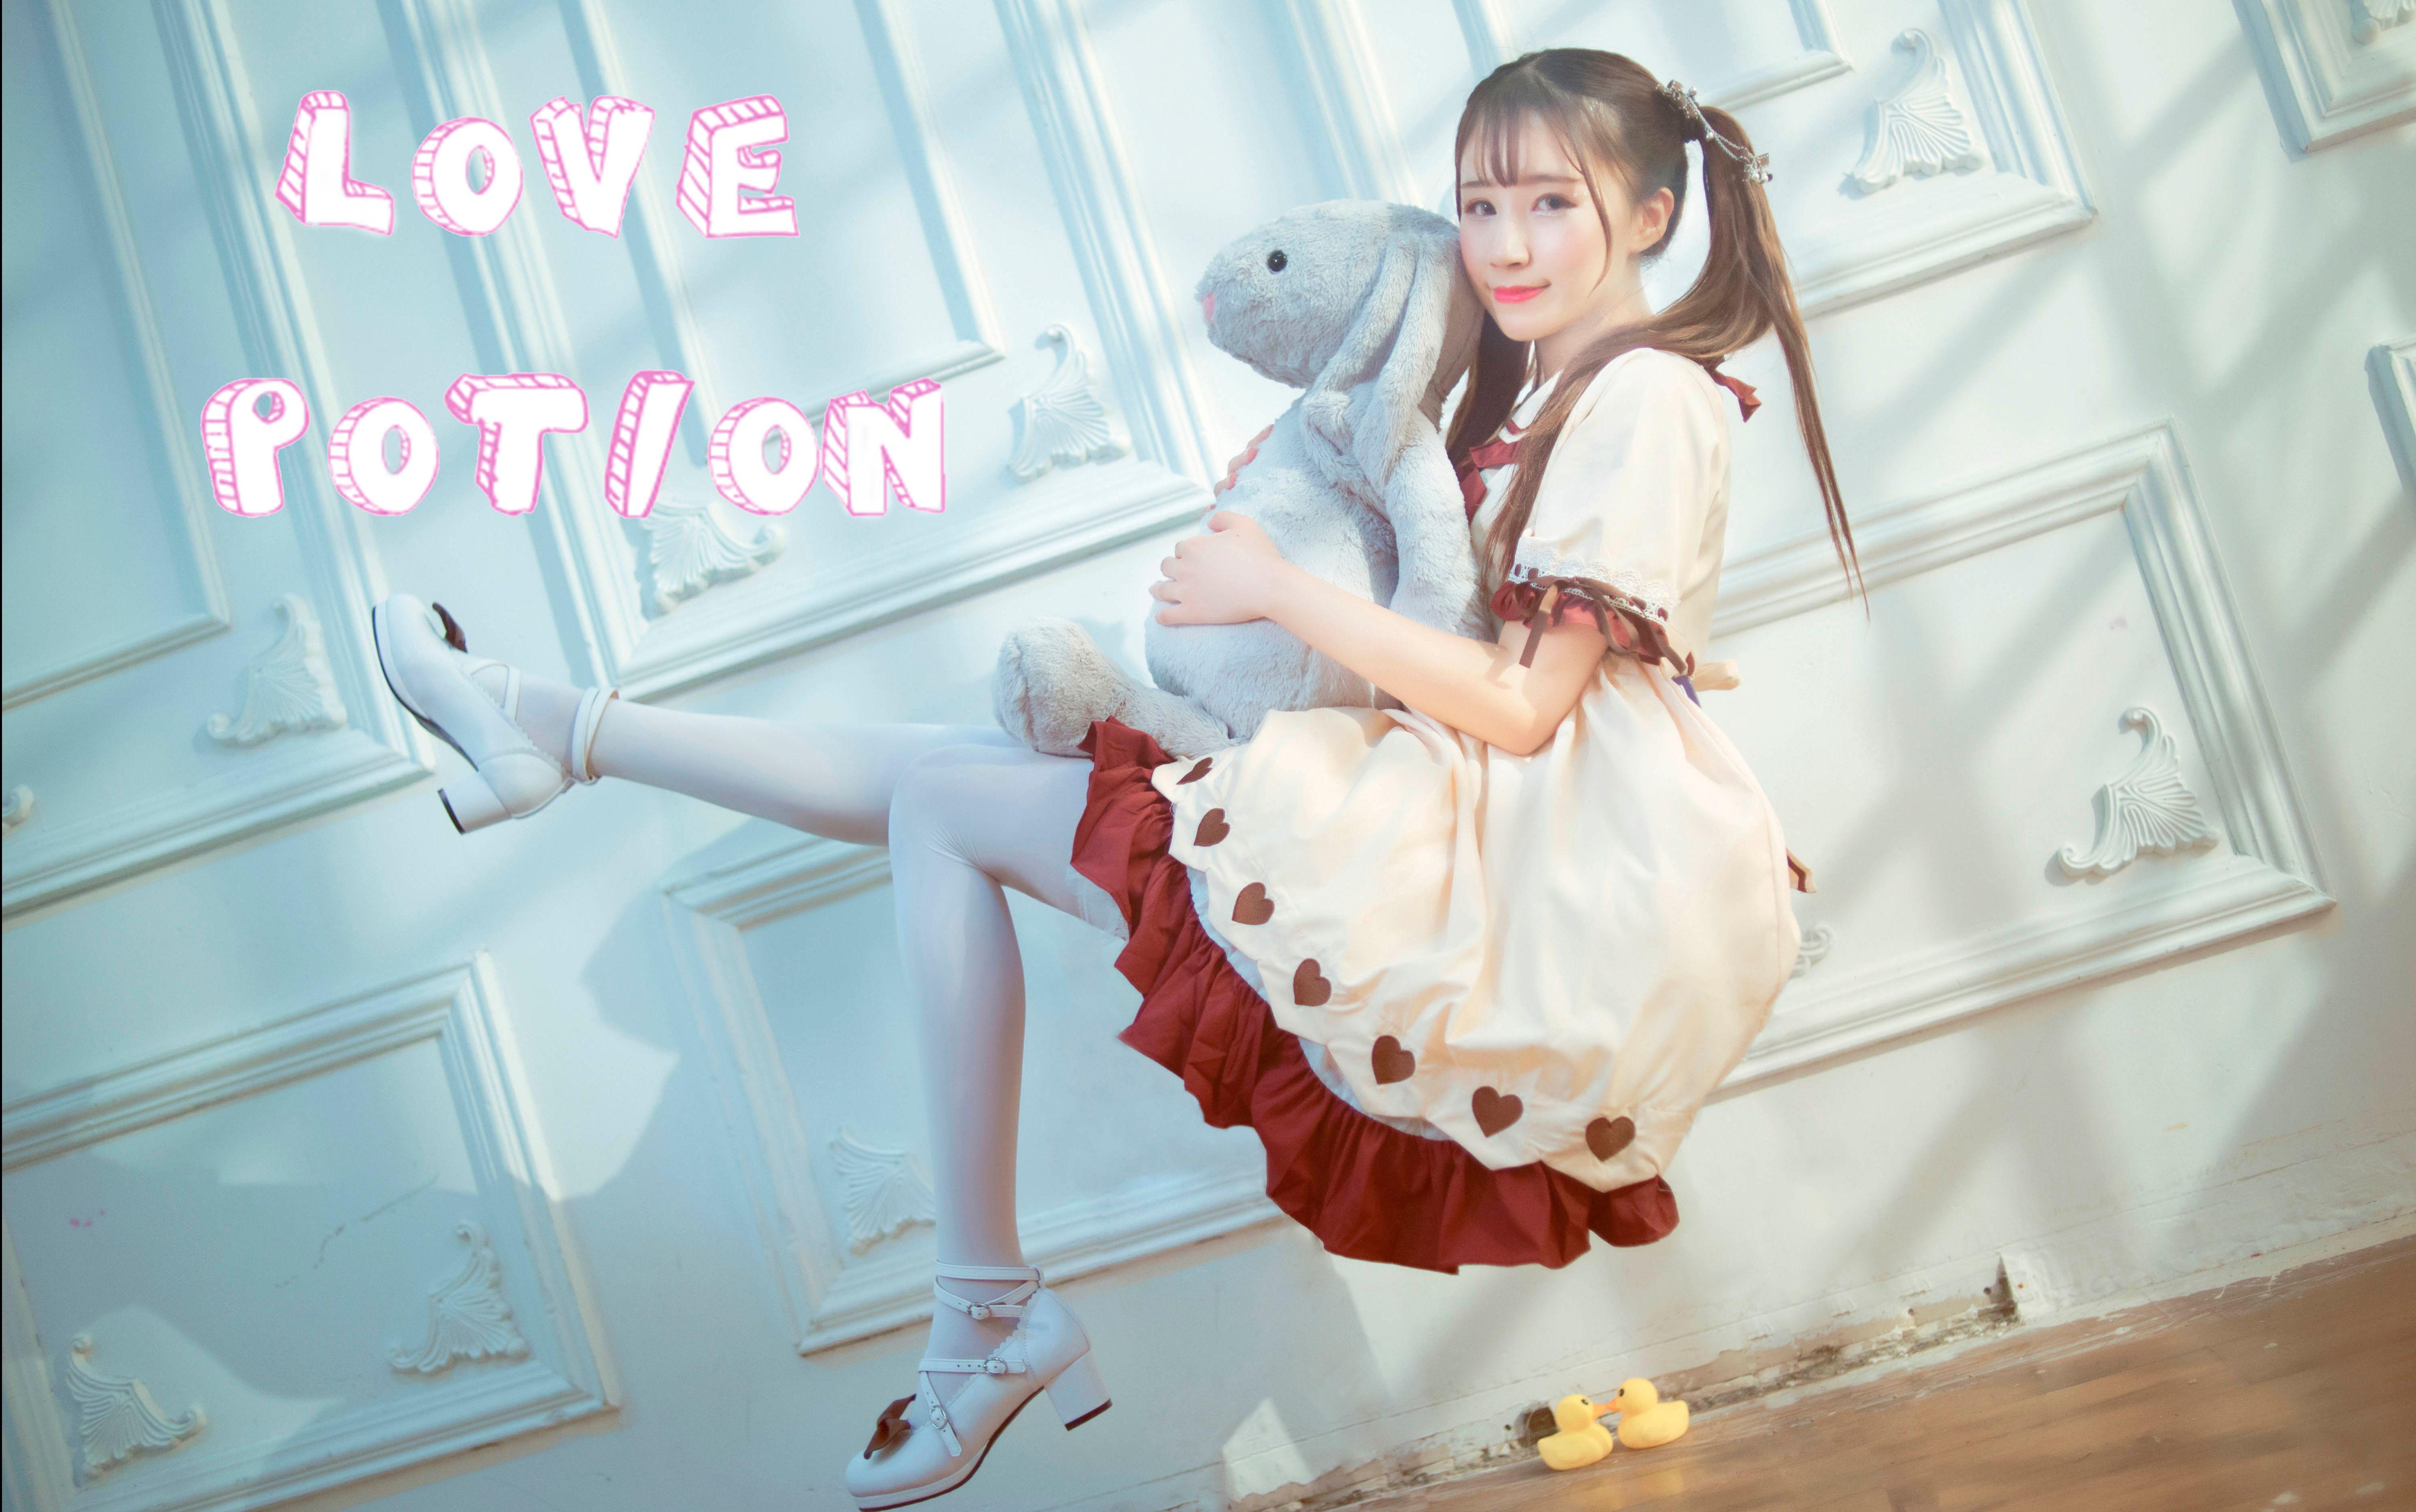 【玖梦猫x玖梦猫】Love Potion